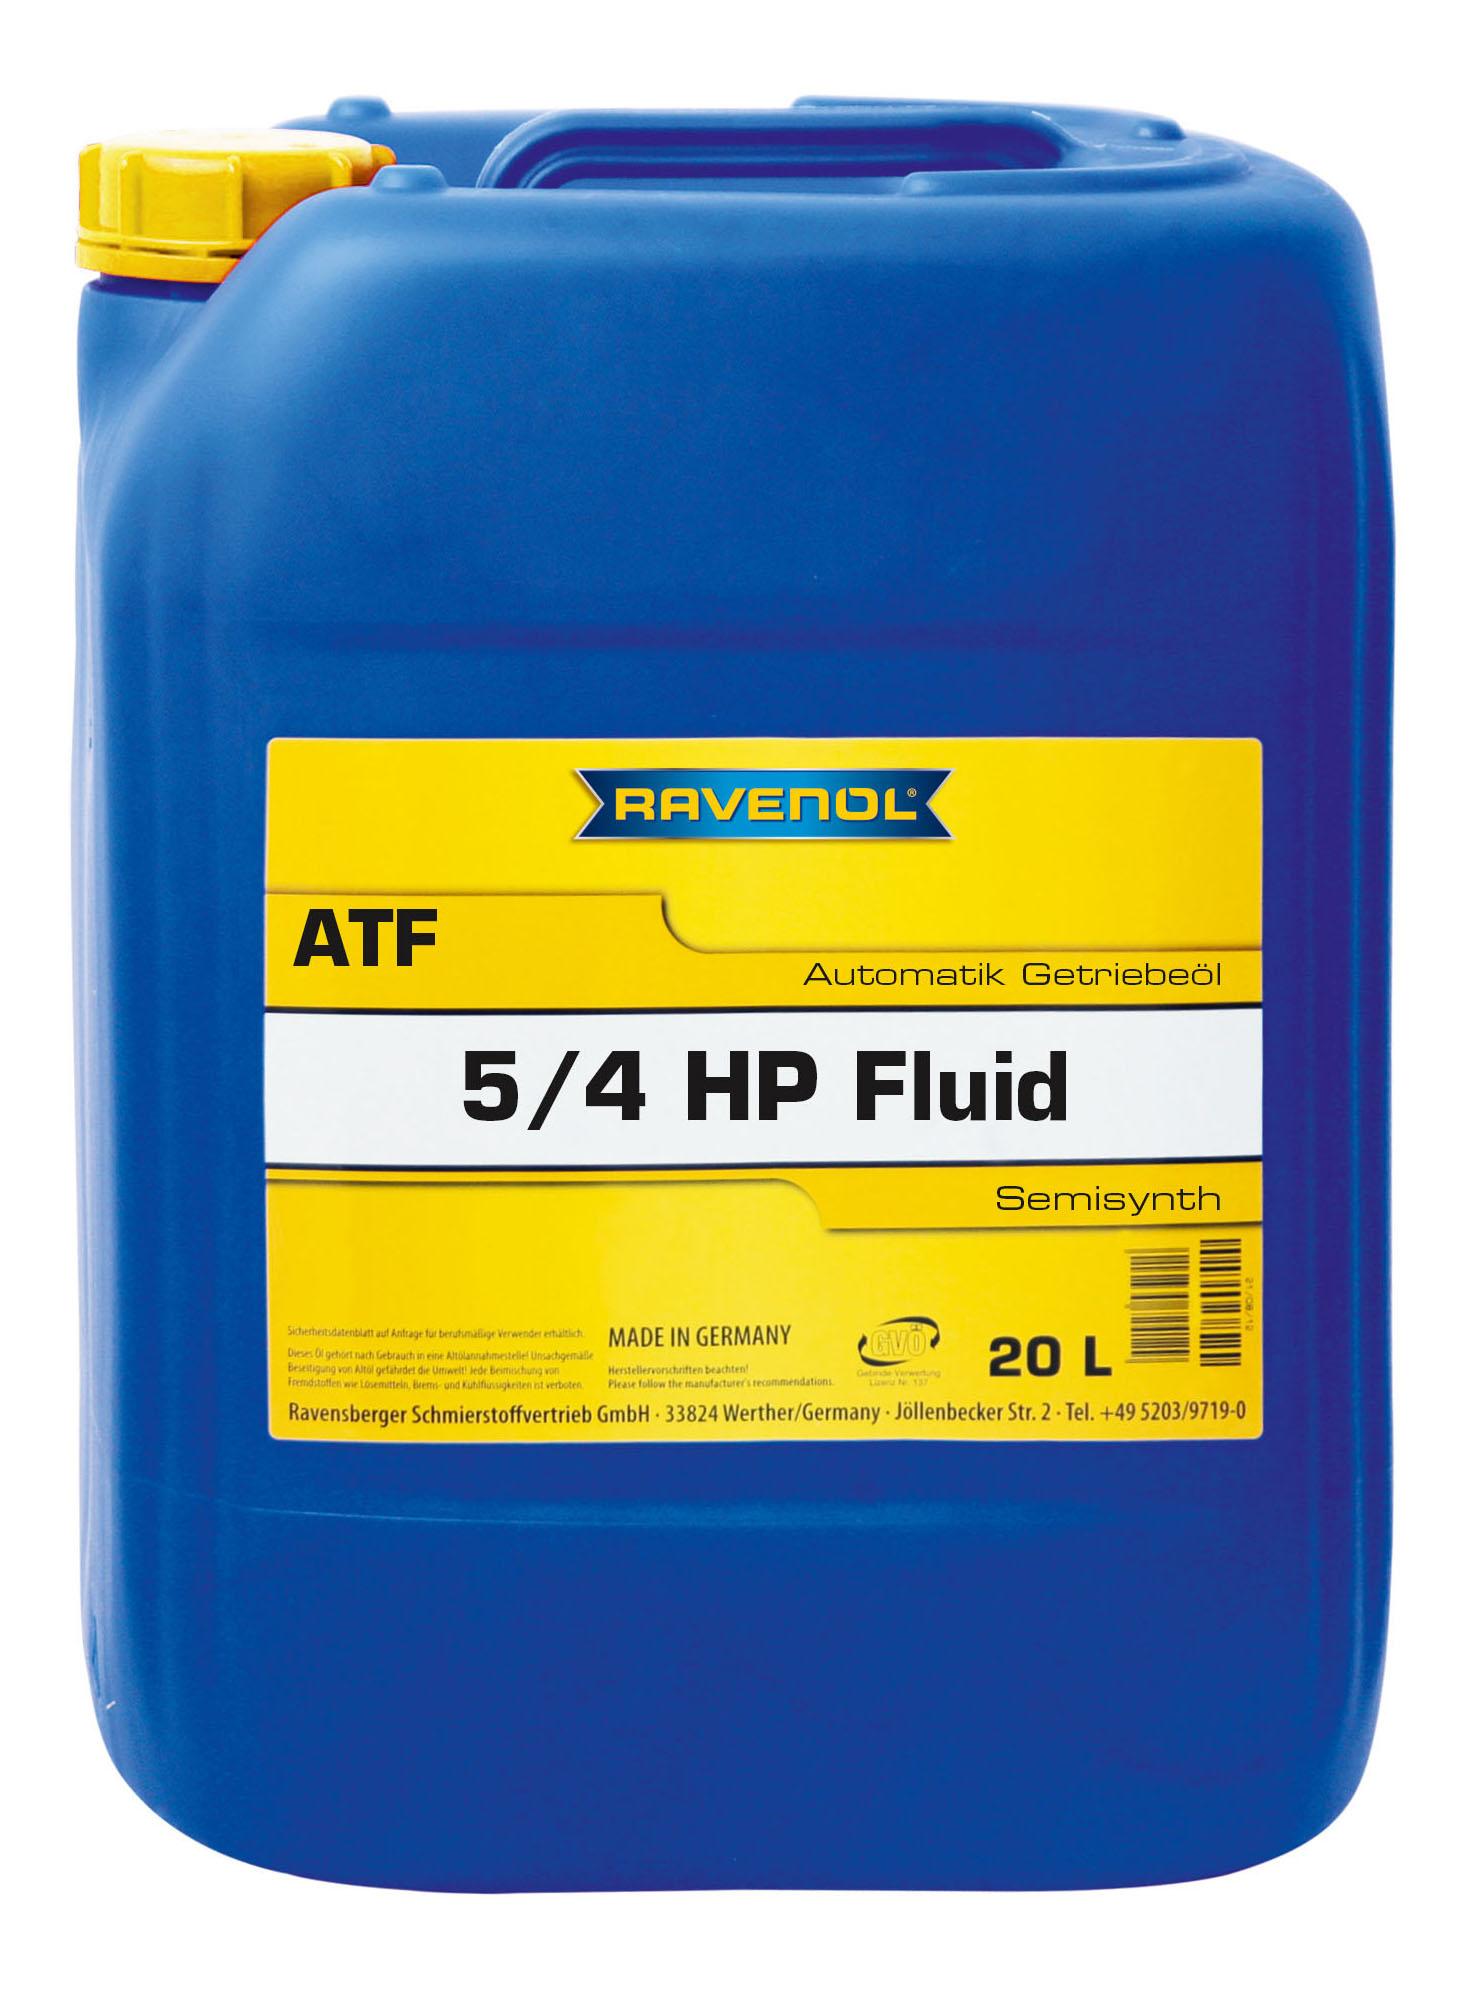 Трансмиссионное масло RAVENOL ATF 5/4 HP 20л 1212104-020-01-999 фото